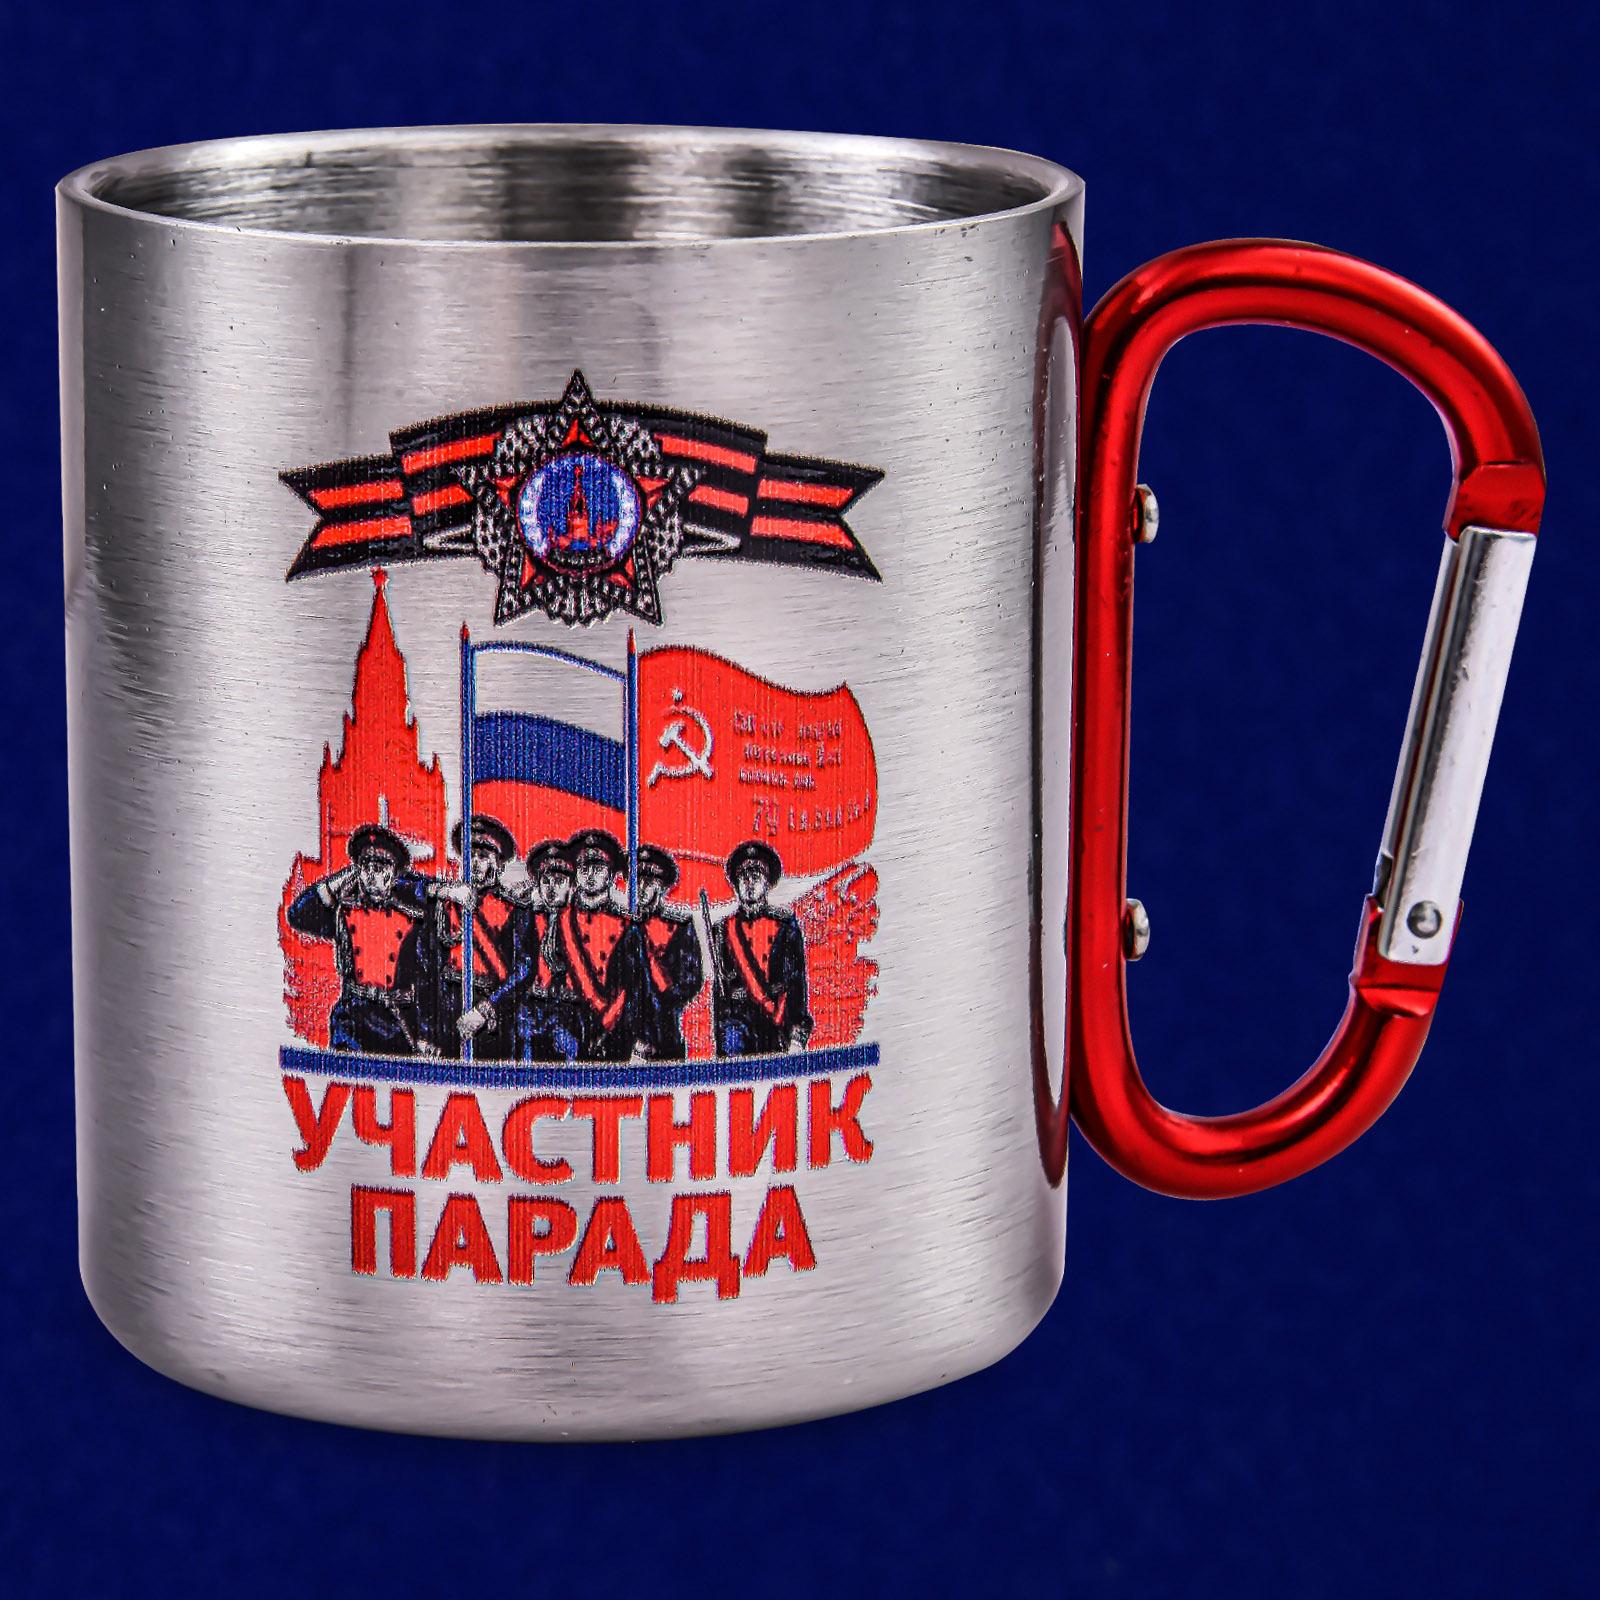 Сувенирная кружка с карабином Участник Парада Победы - недорого